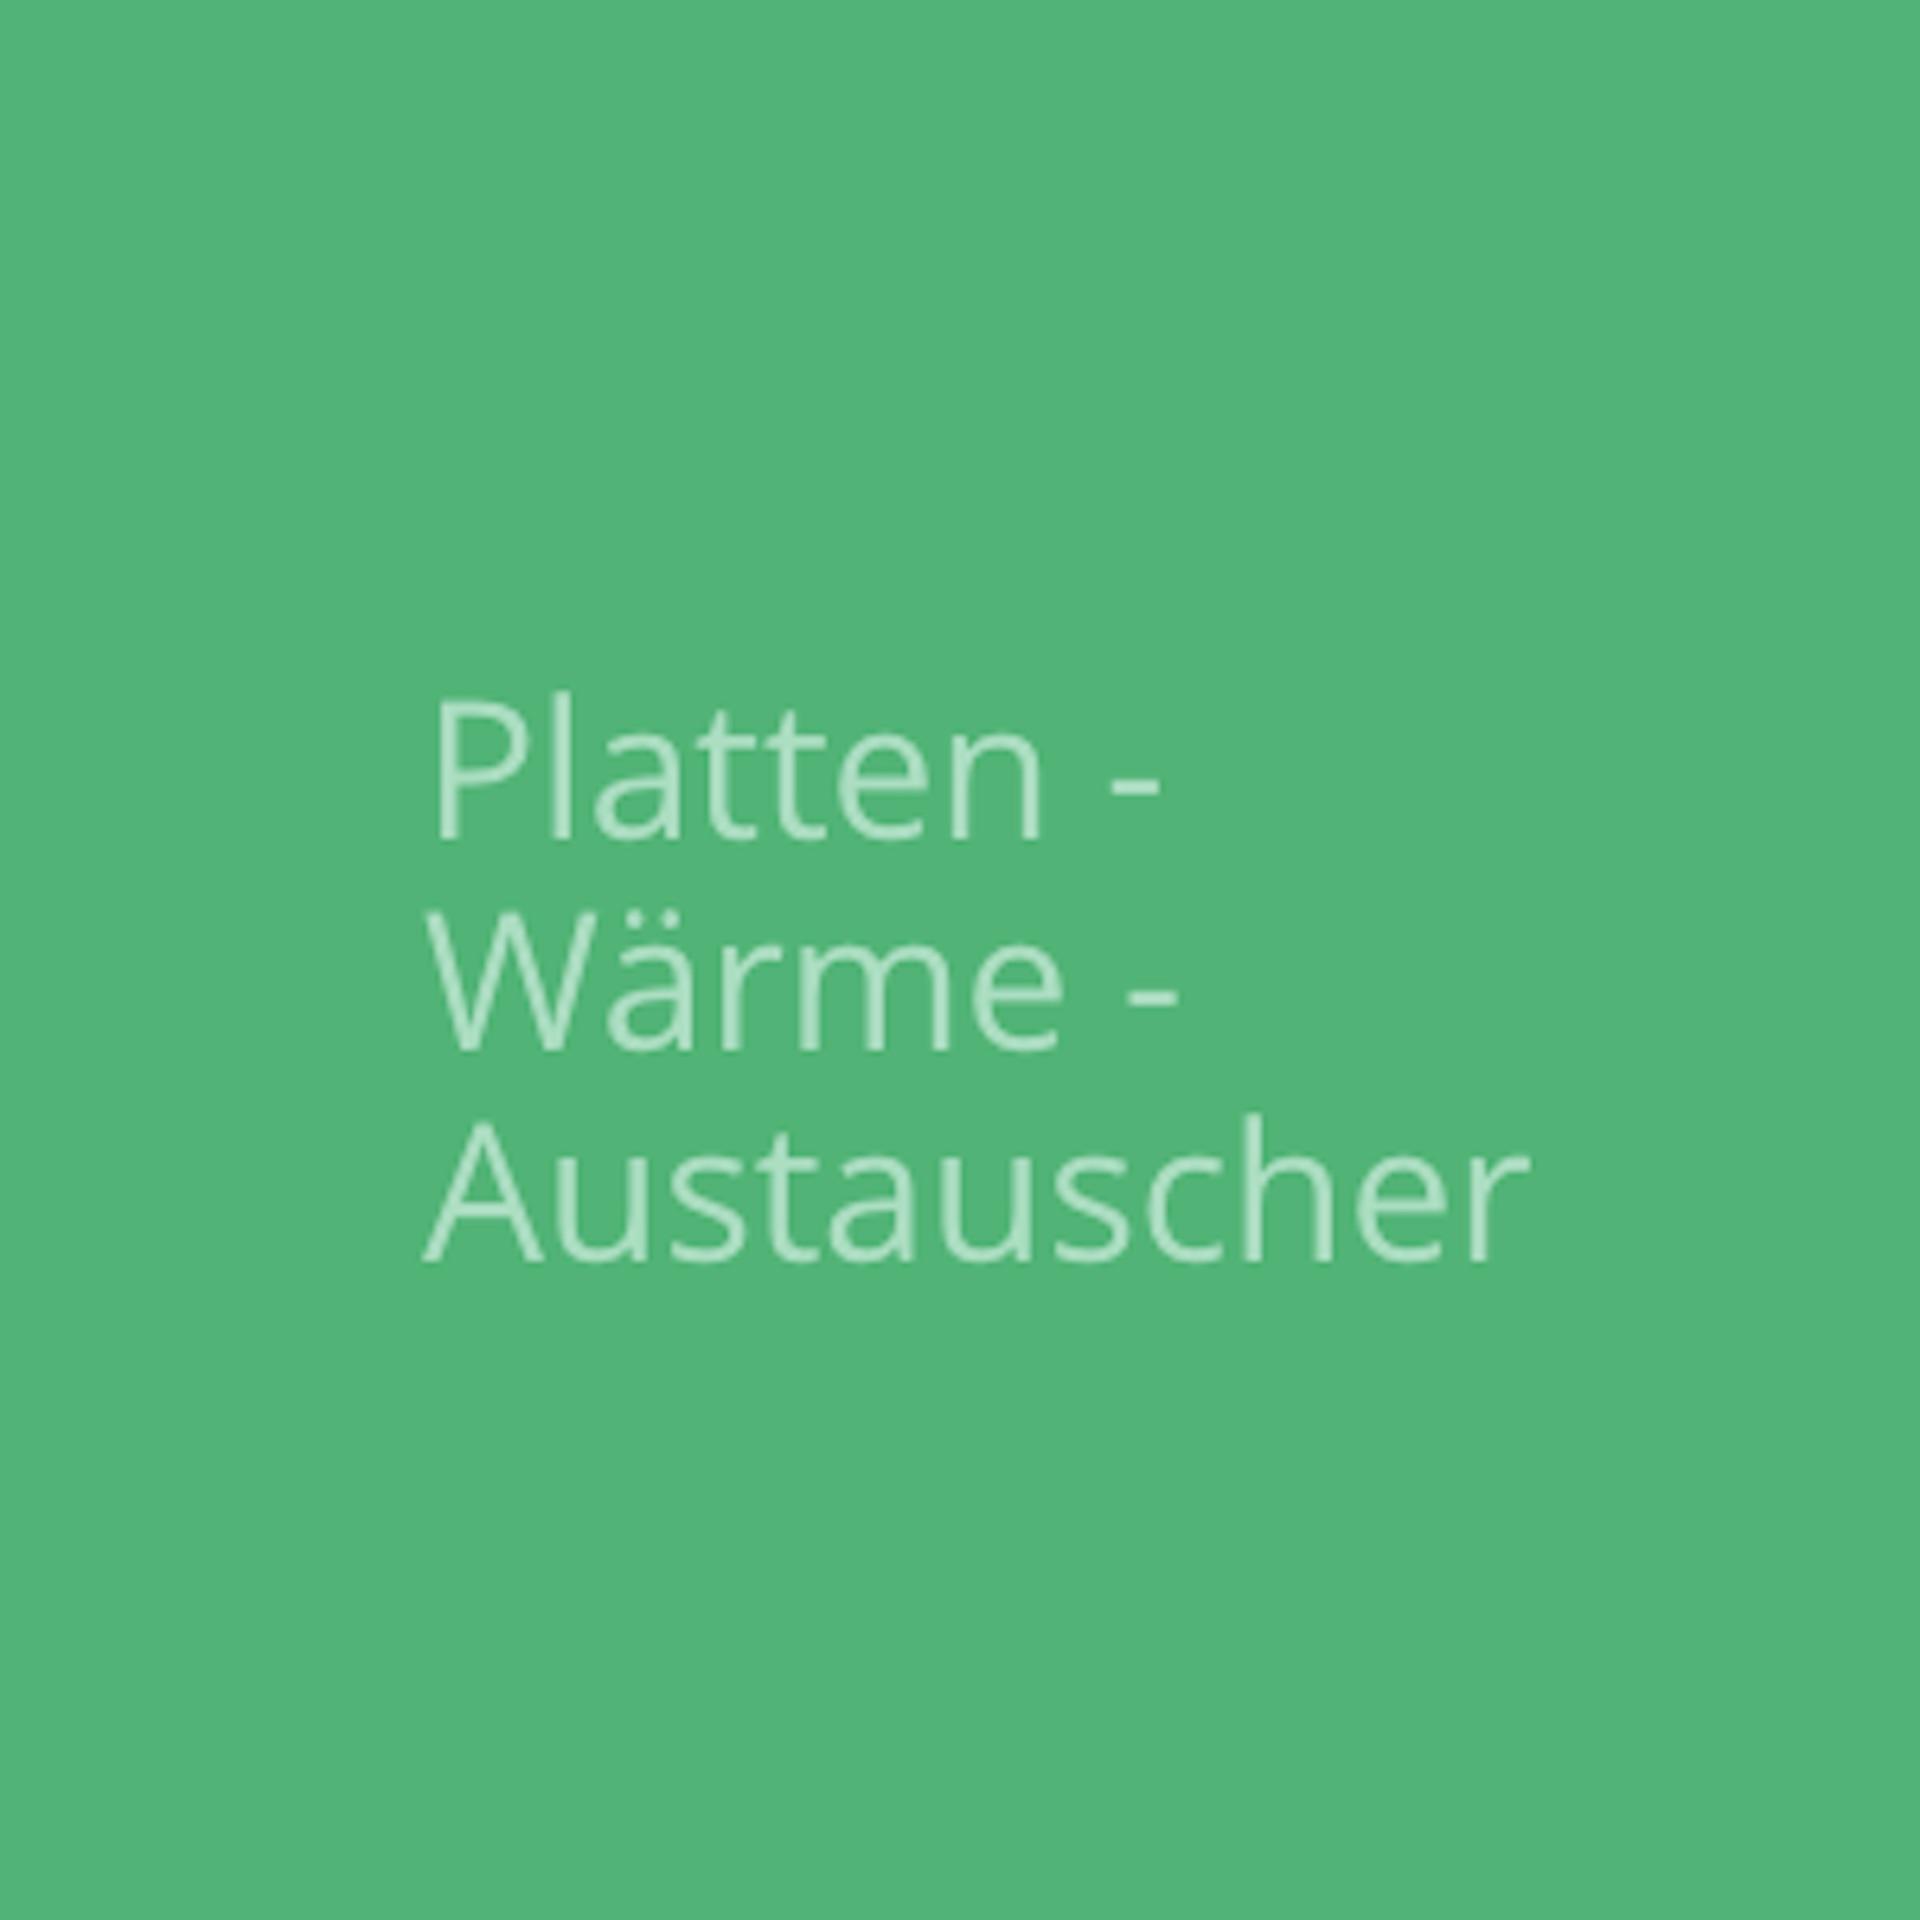 GWA_Platten_Waerme_Austauscher_Gesellschaft_fuer_Waerme_und_Anlagentechnik